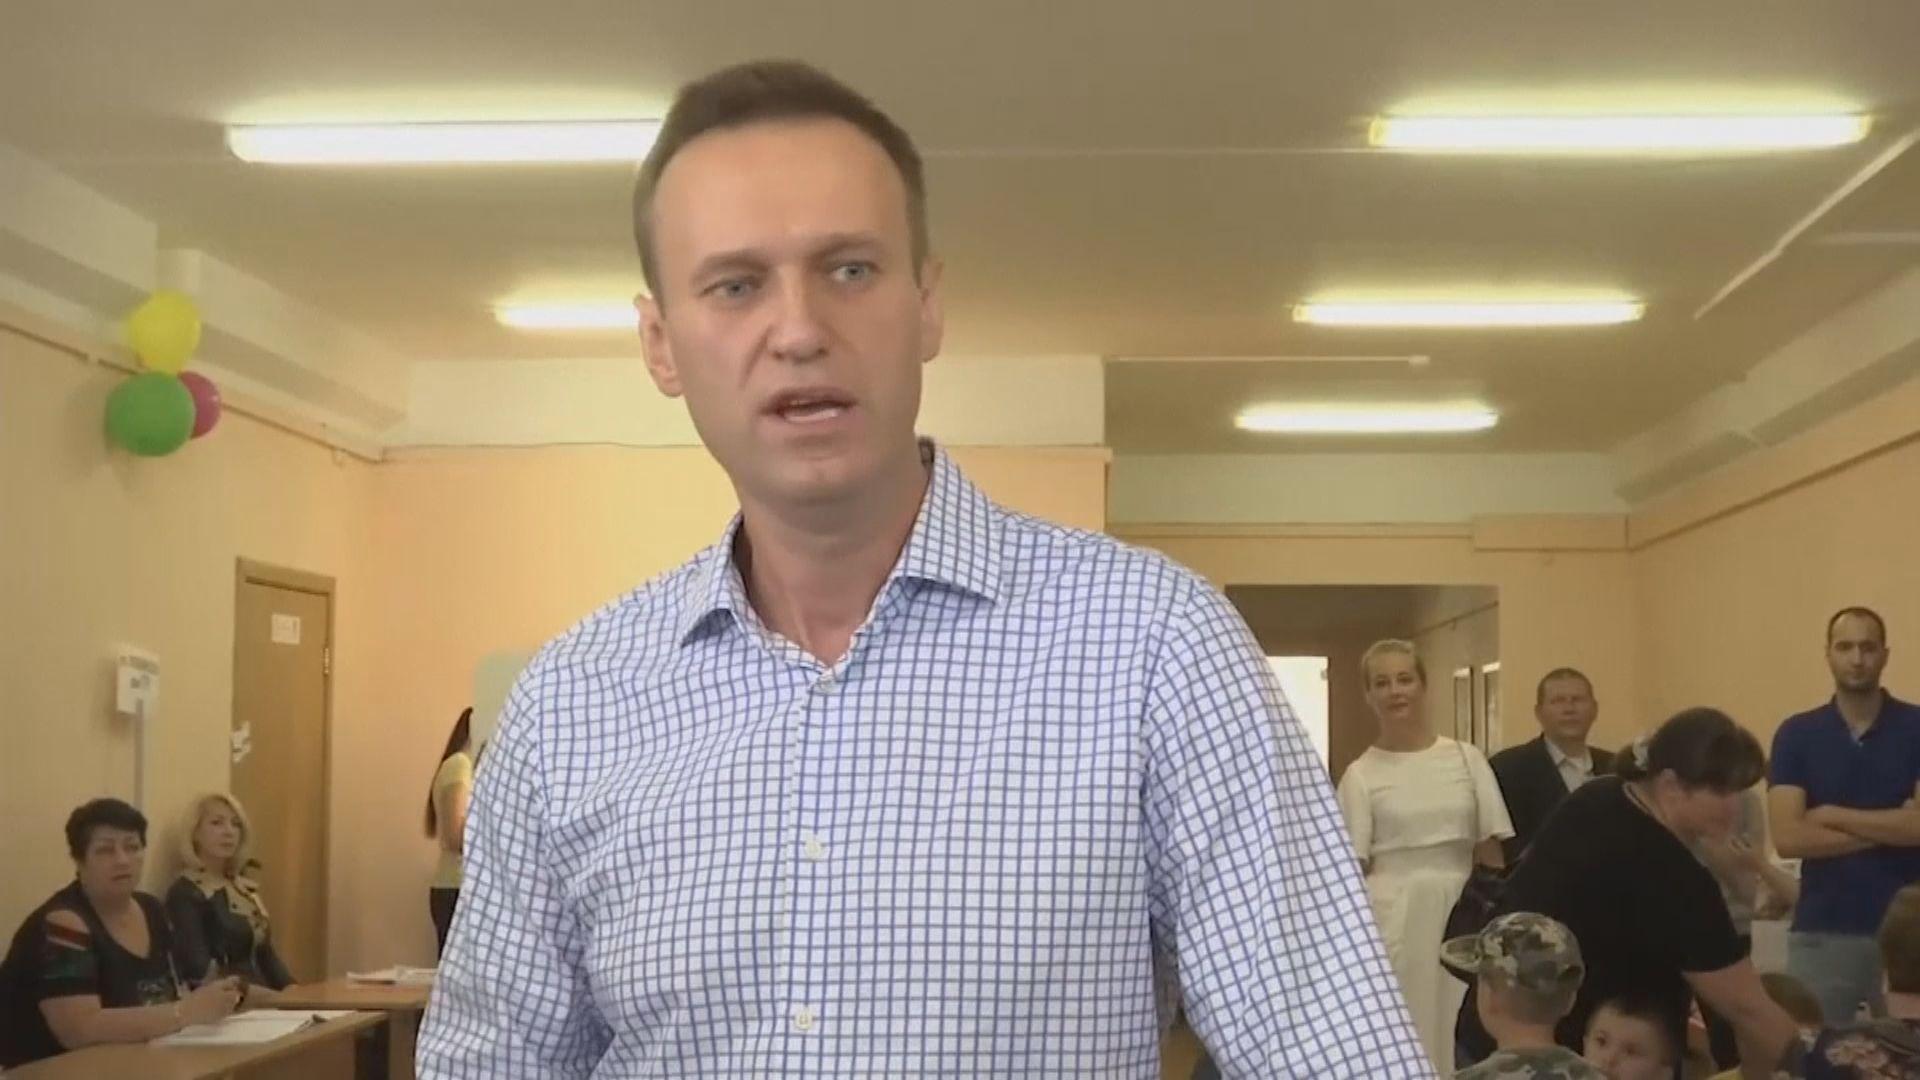 俄反對派領袖納瓦爾尼妻子批醫院試圖掩飾丈夫被下毒